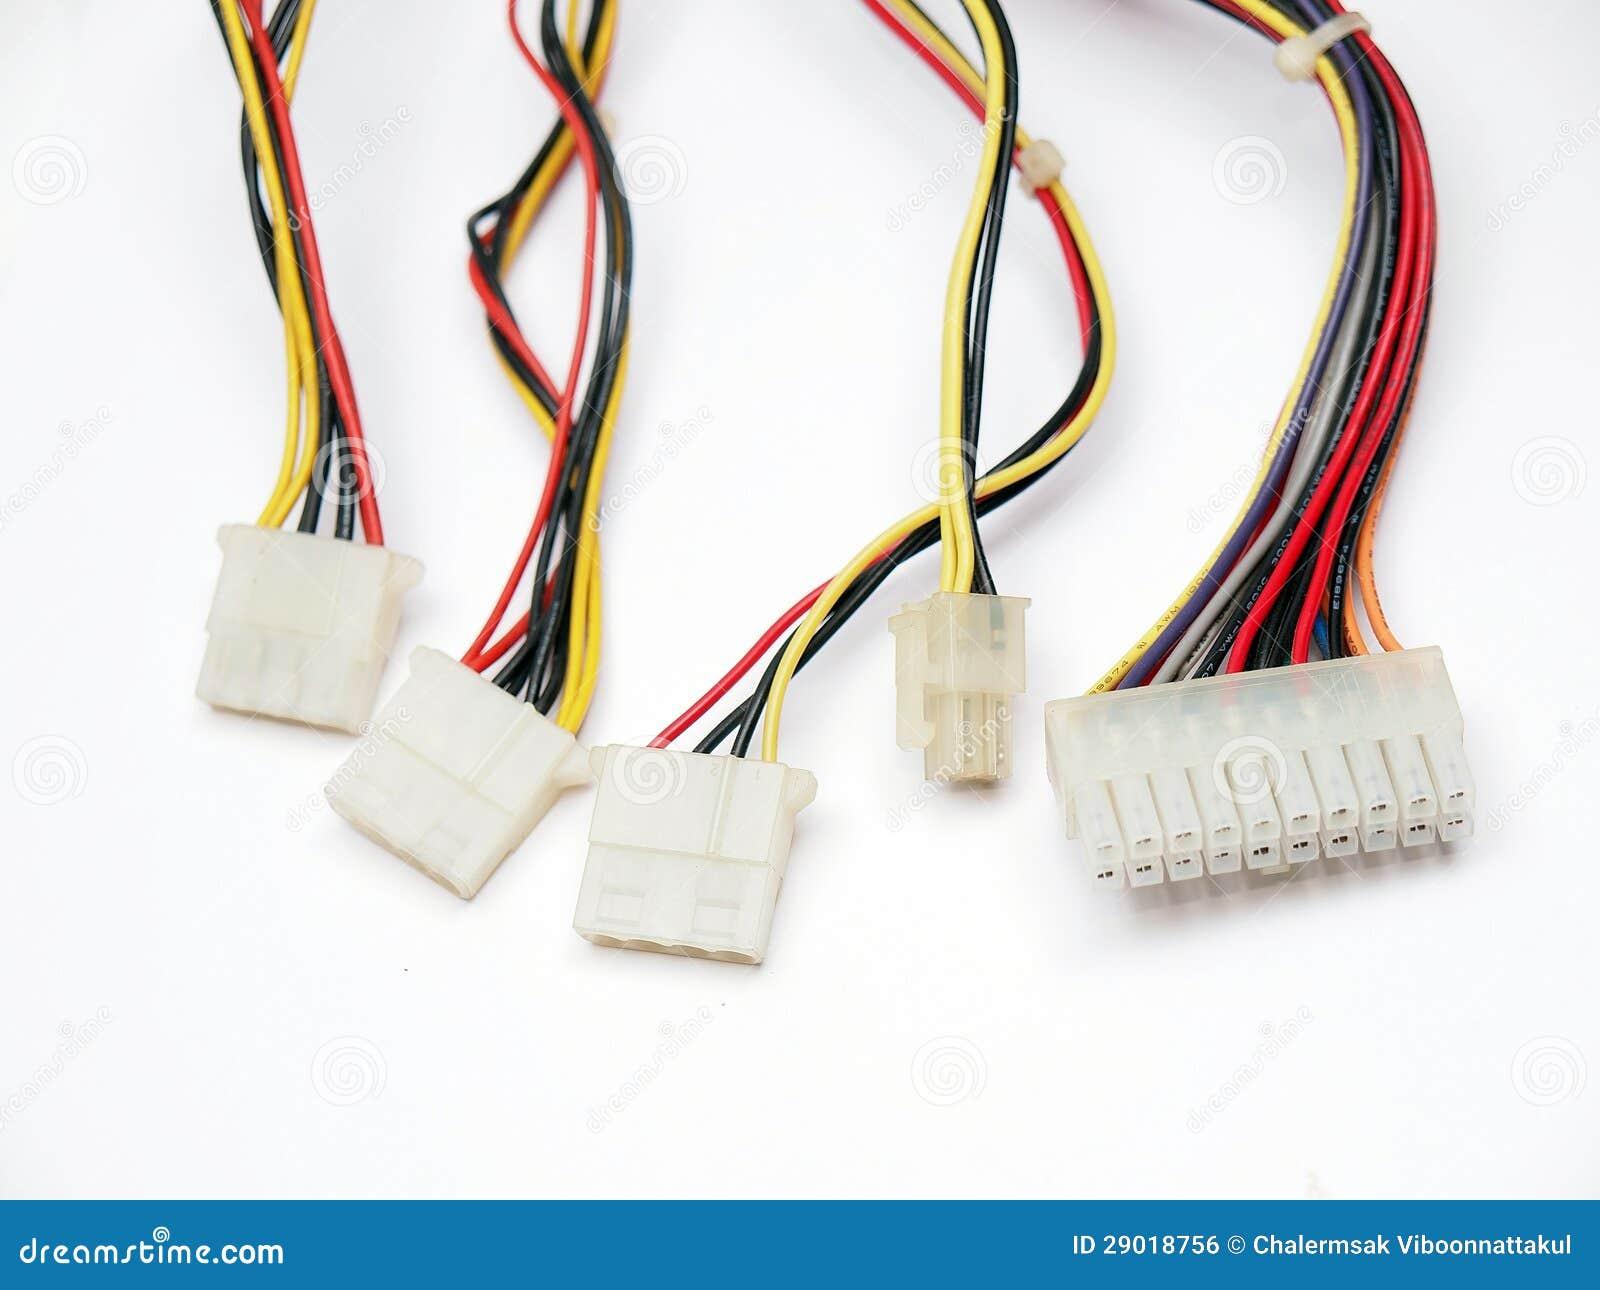 Conectores elétricos